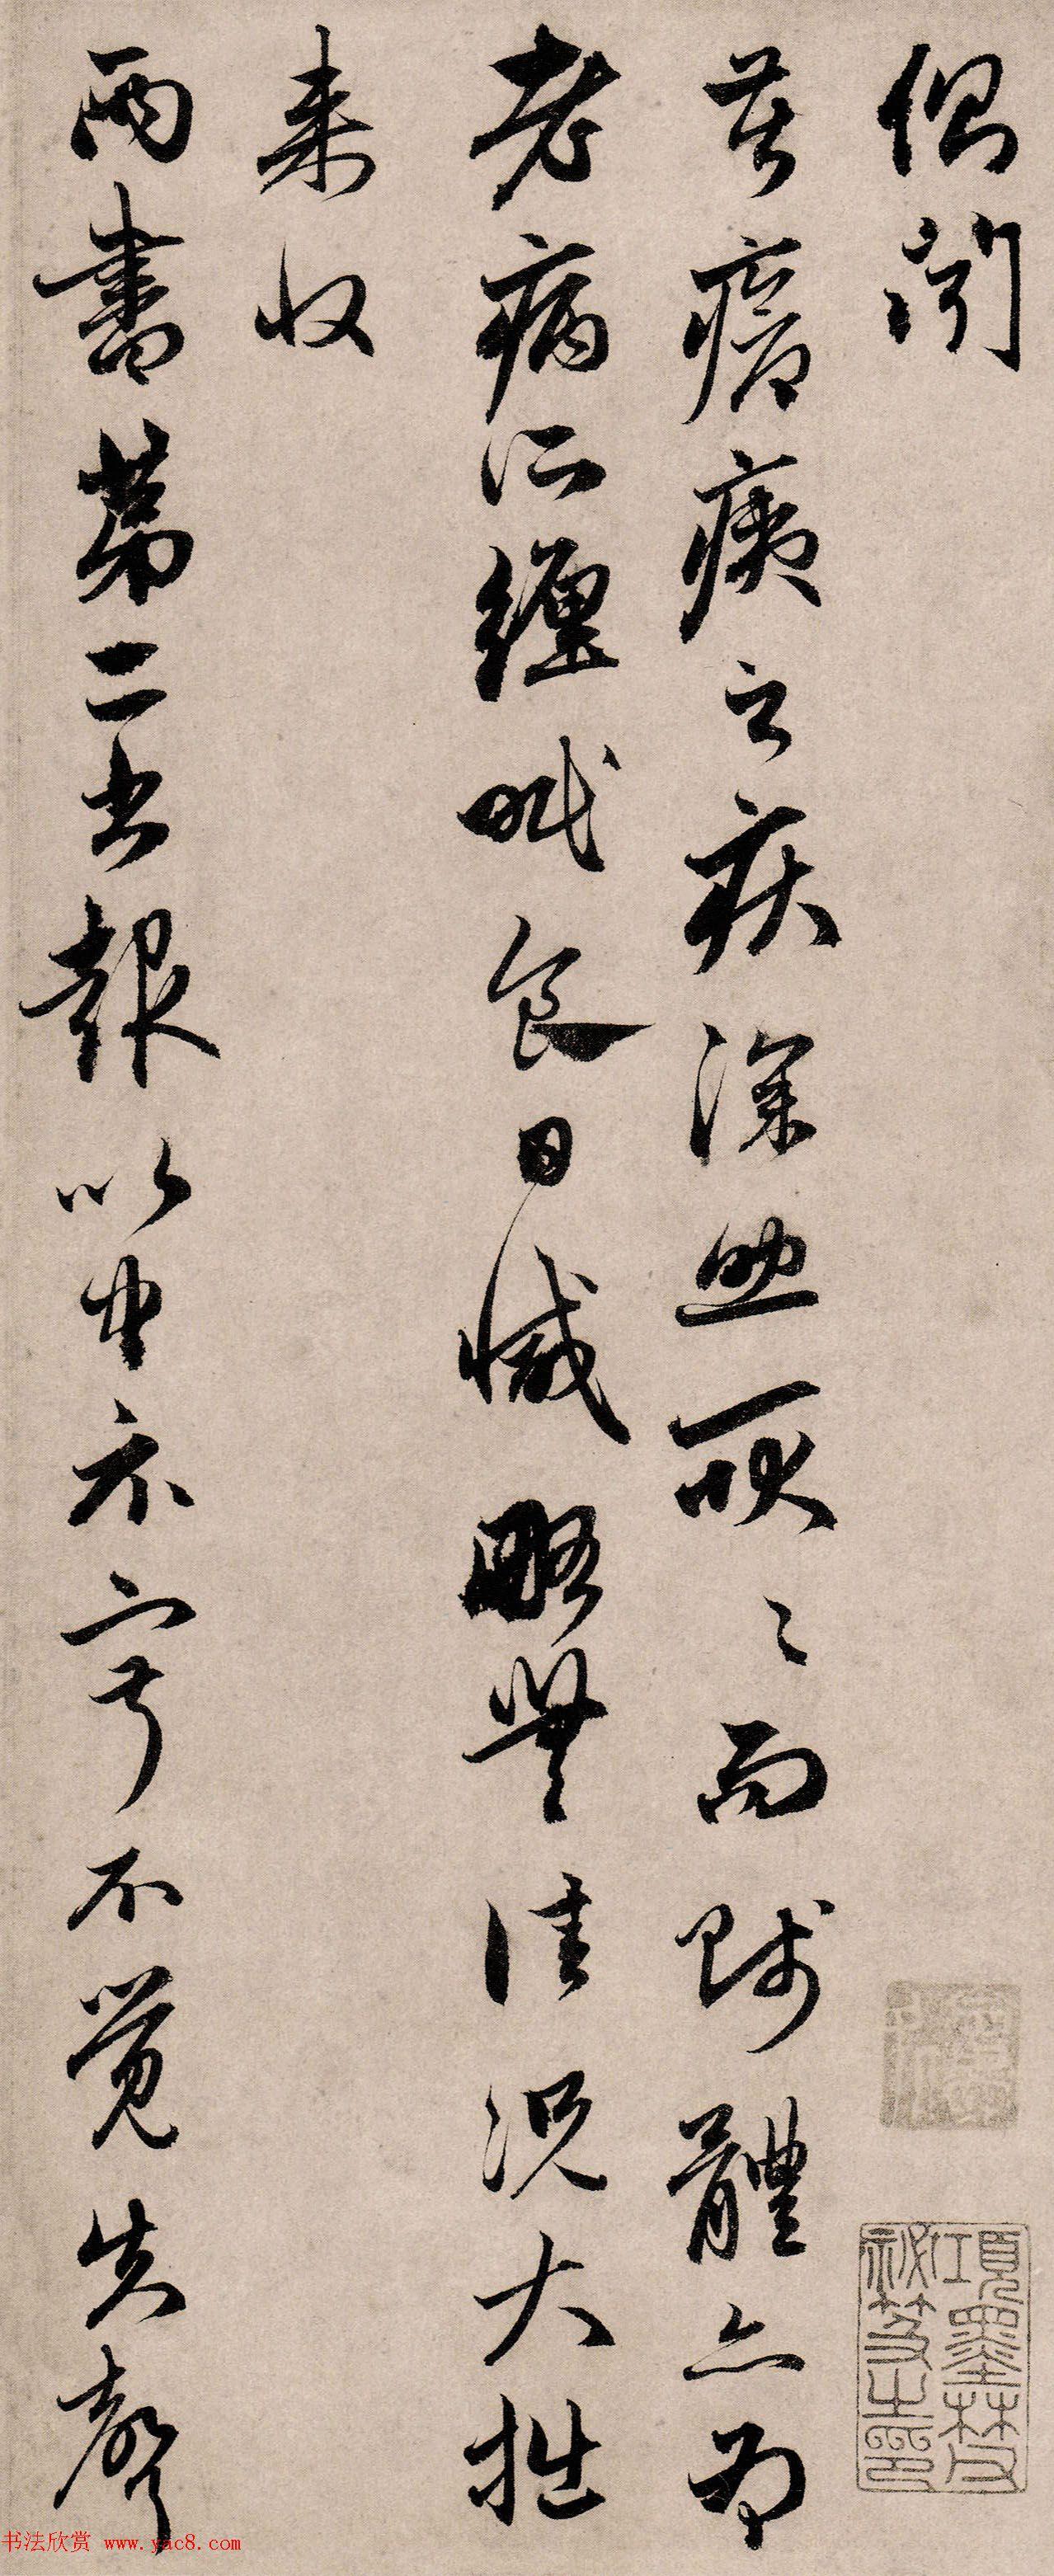 赵孟頫卒前绝笔书札《疮痍帖》